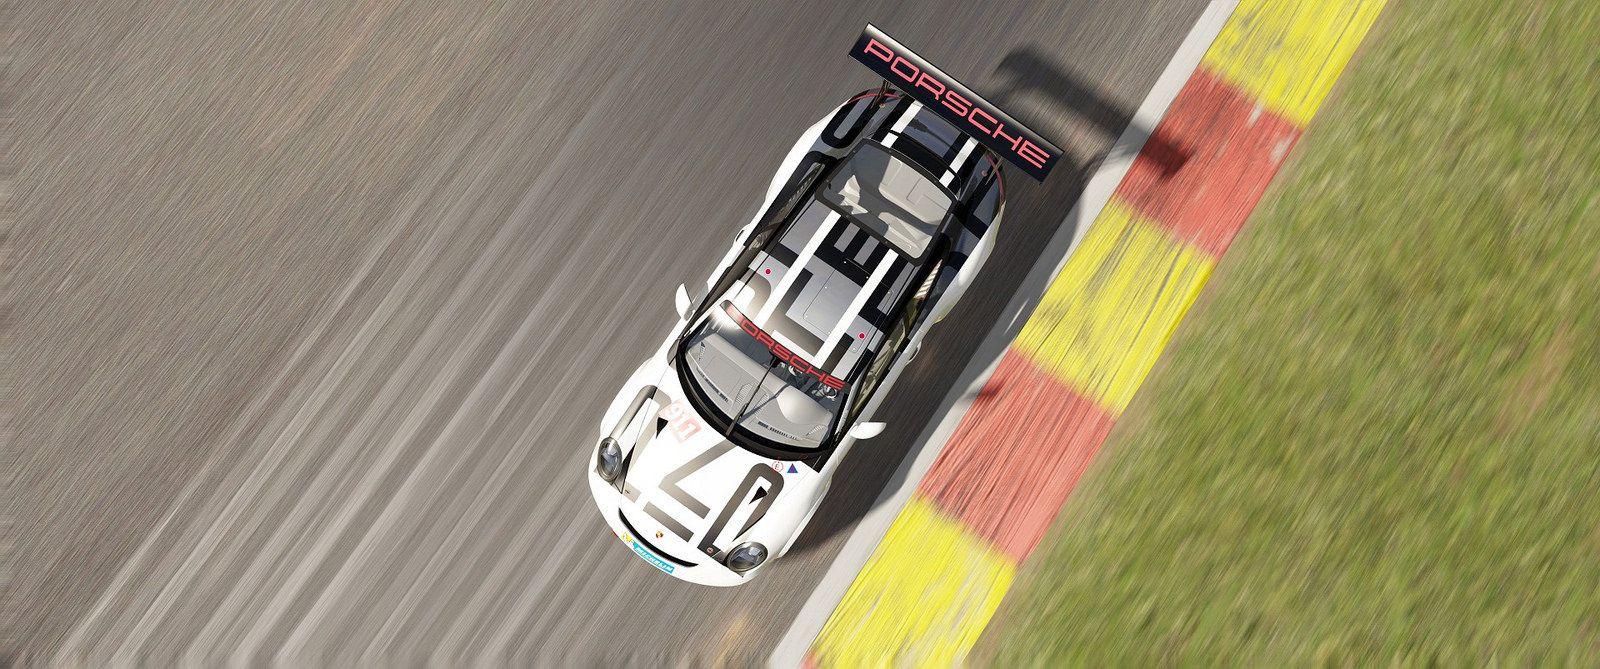 Assetto Corsa - Contenu du troisième pack Porsche